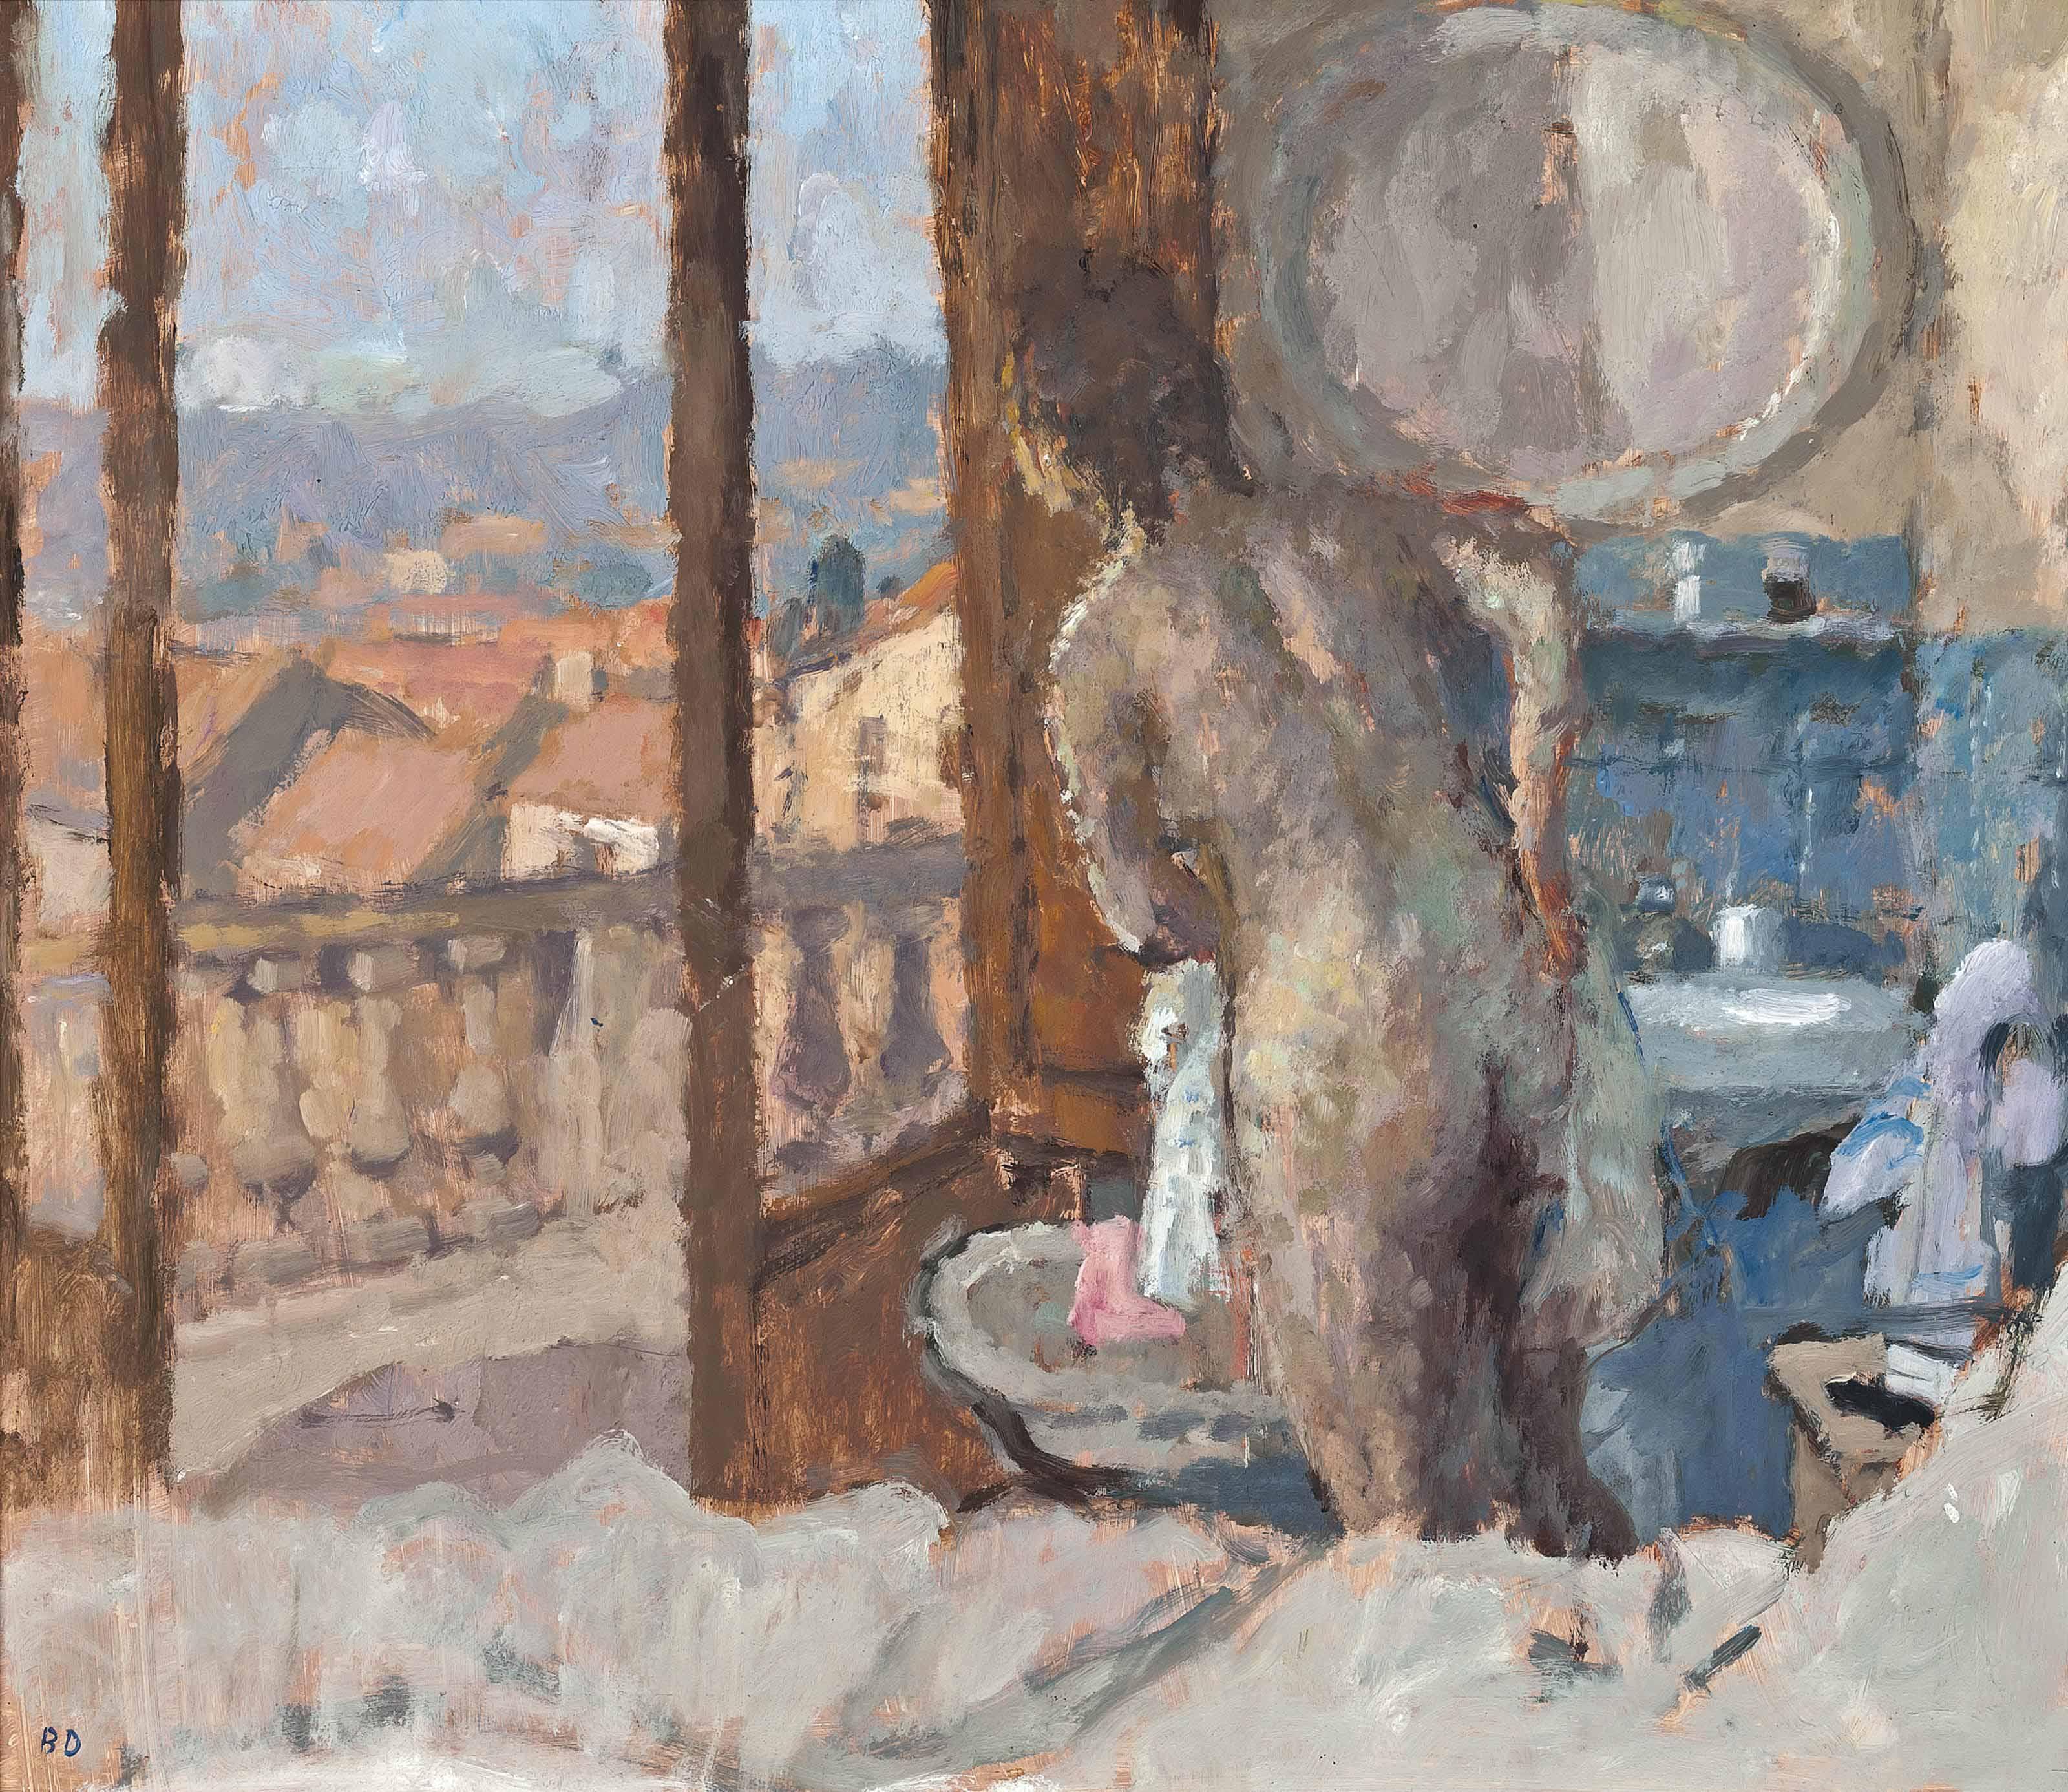 Balcony Room, San Gimignano